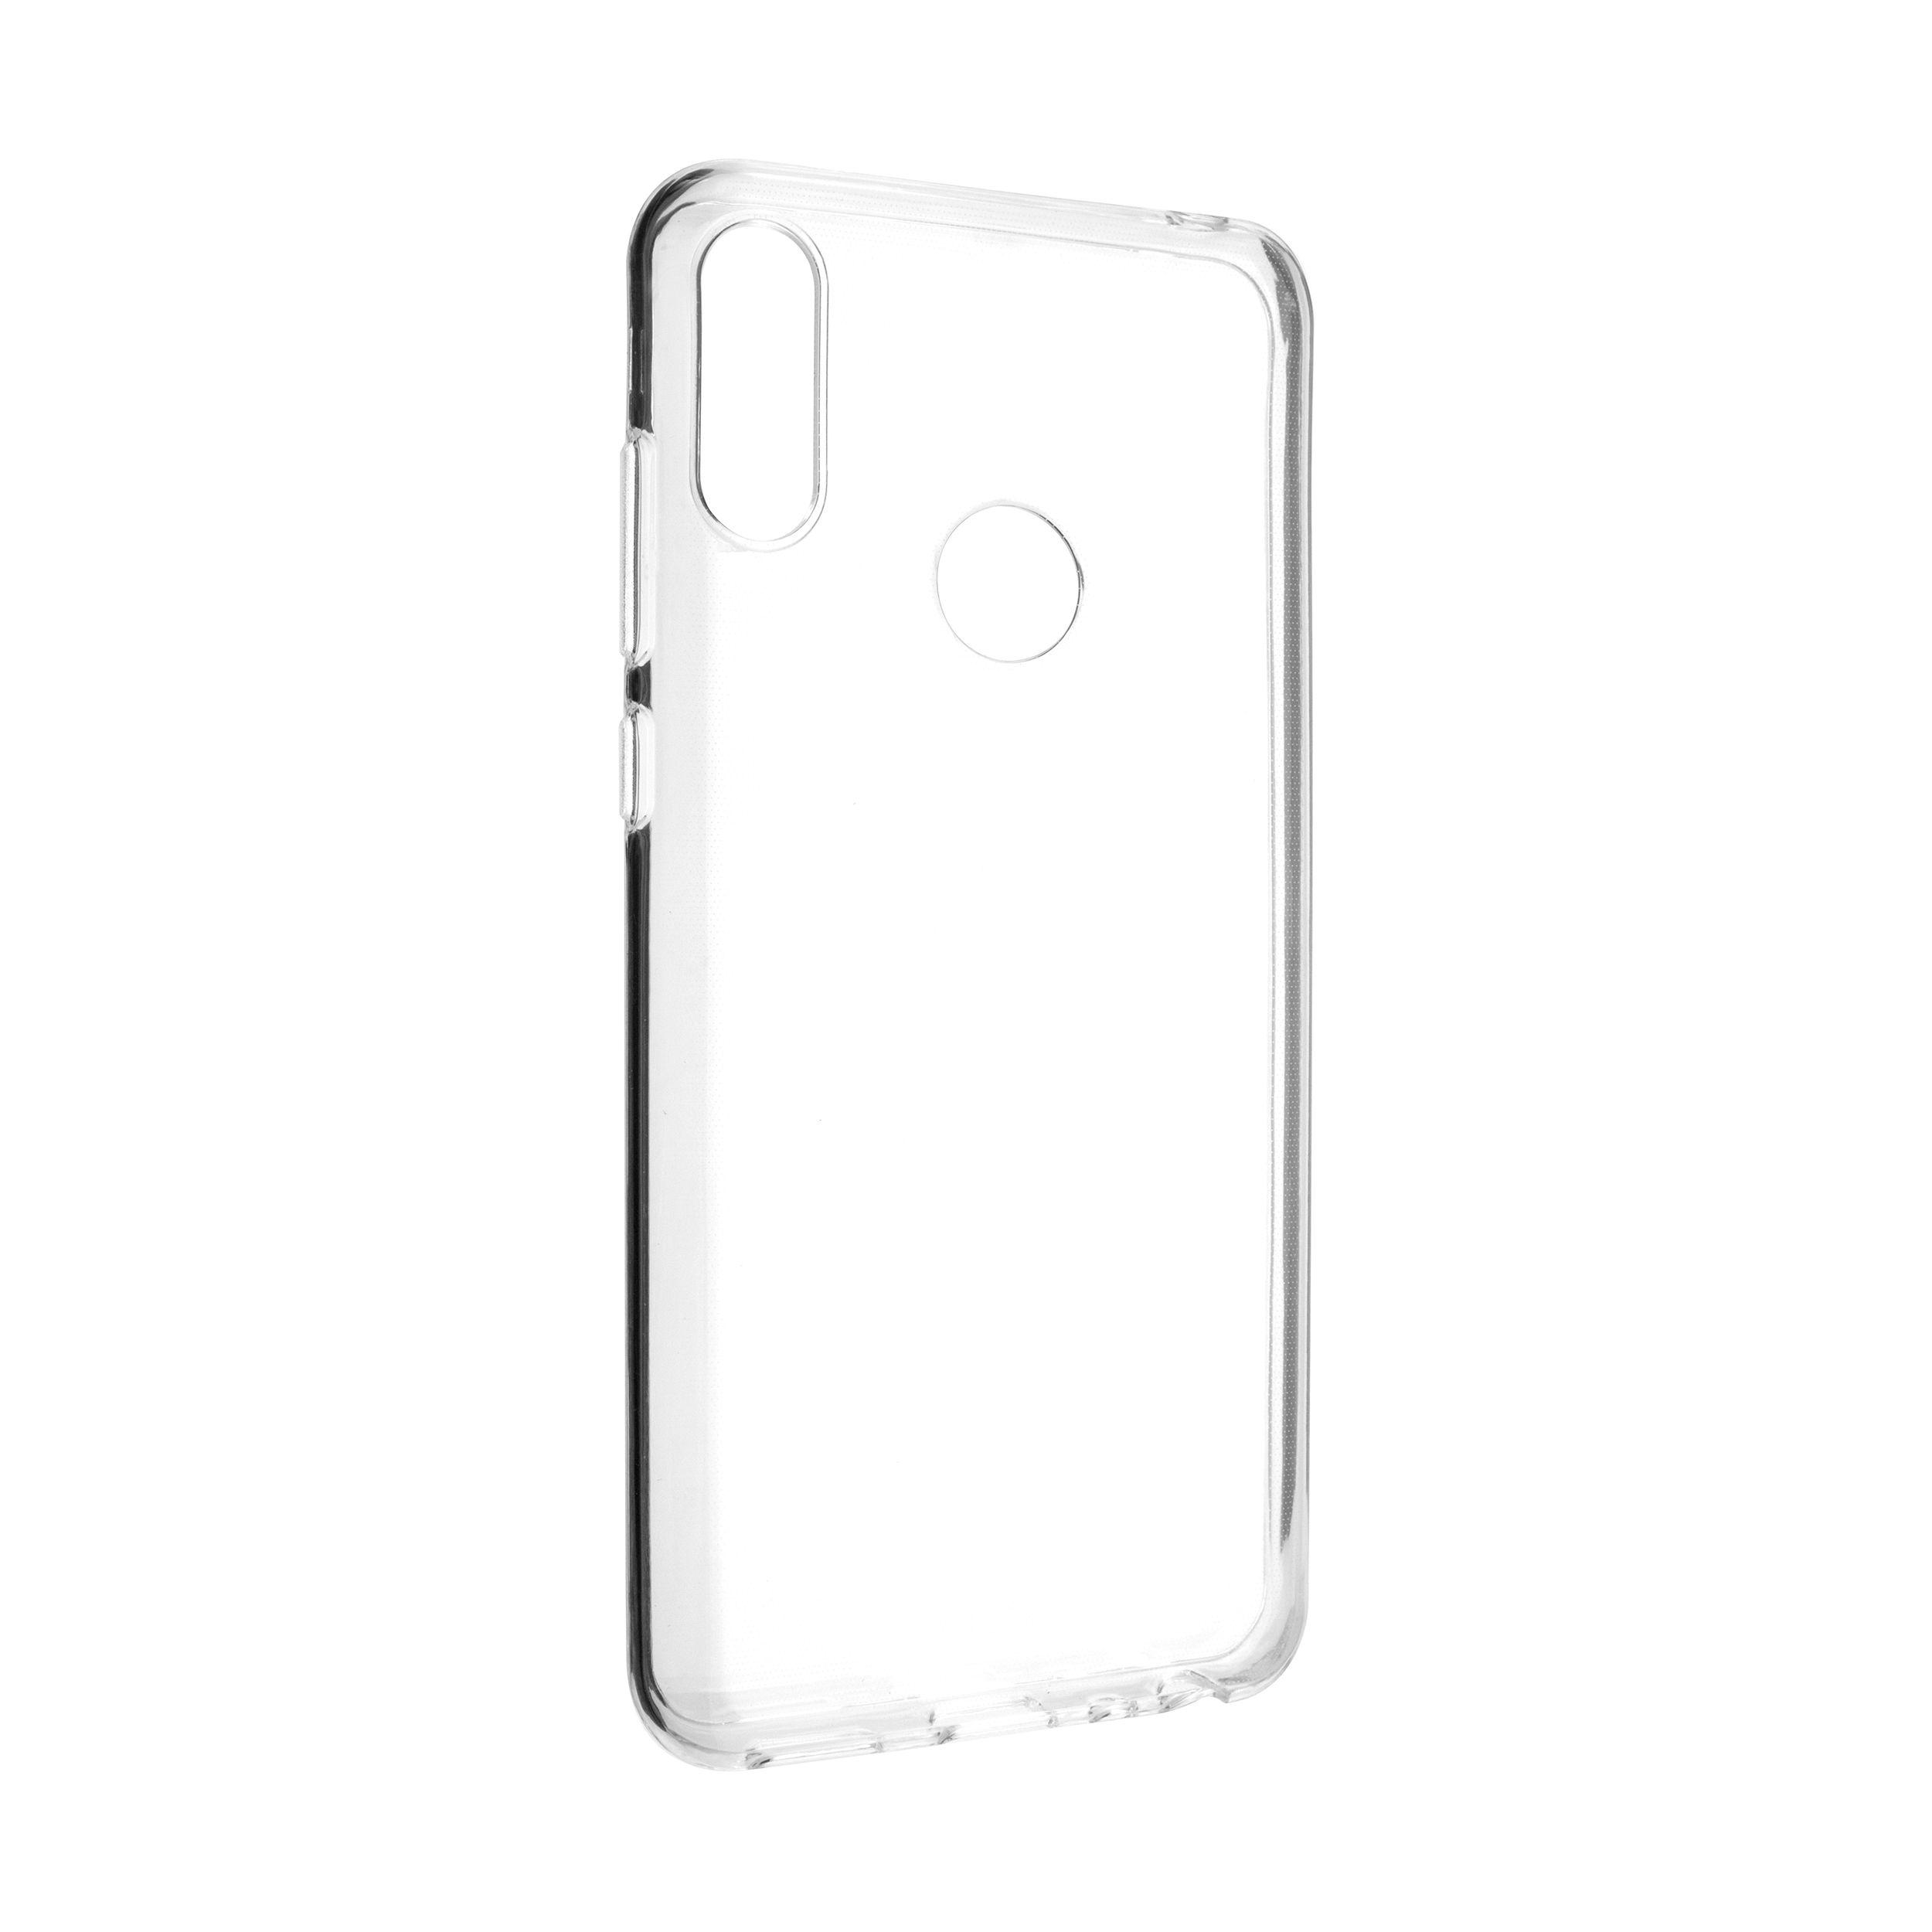 TPU gelové pouzdro FIXED pro Asus Zenfone Max Pro M2 (ZB631KL), čiré